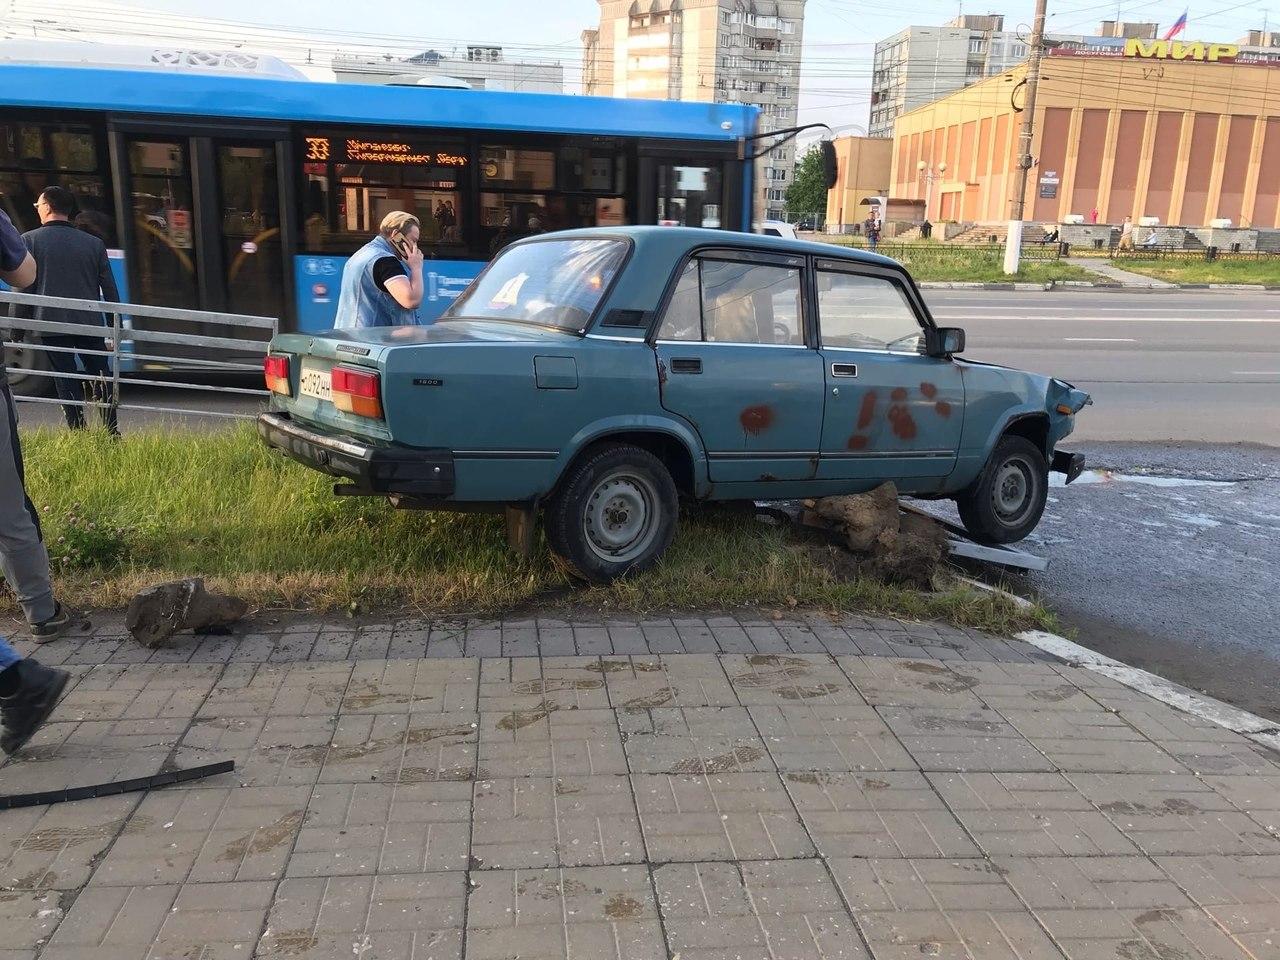 В Твери сбитое легковушкой ограждение тротуара сломало ногу пешеходу - новости Афанасий